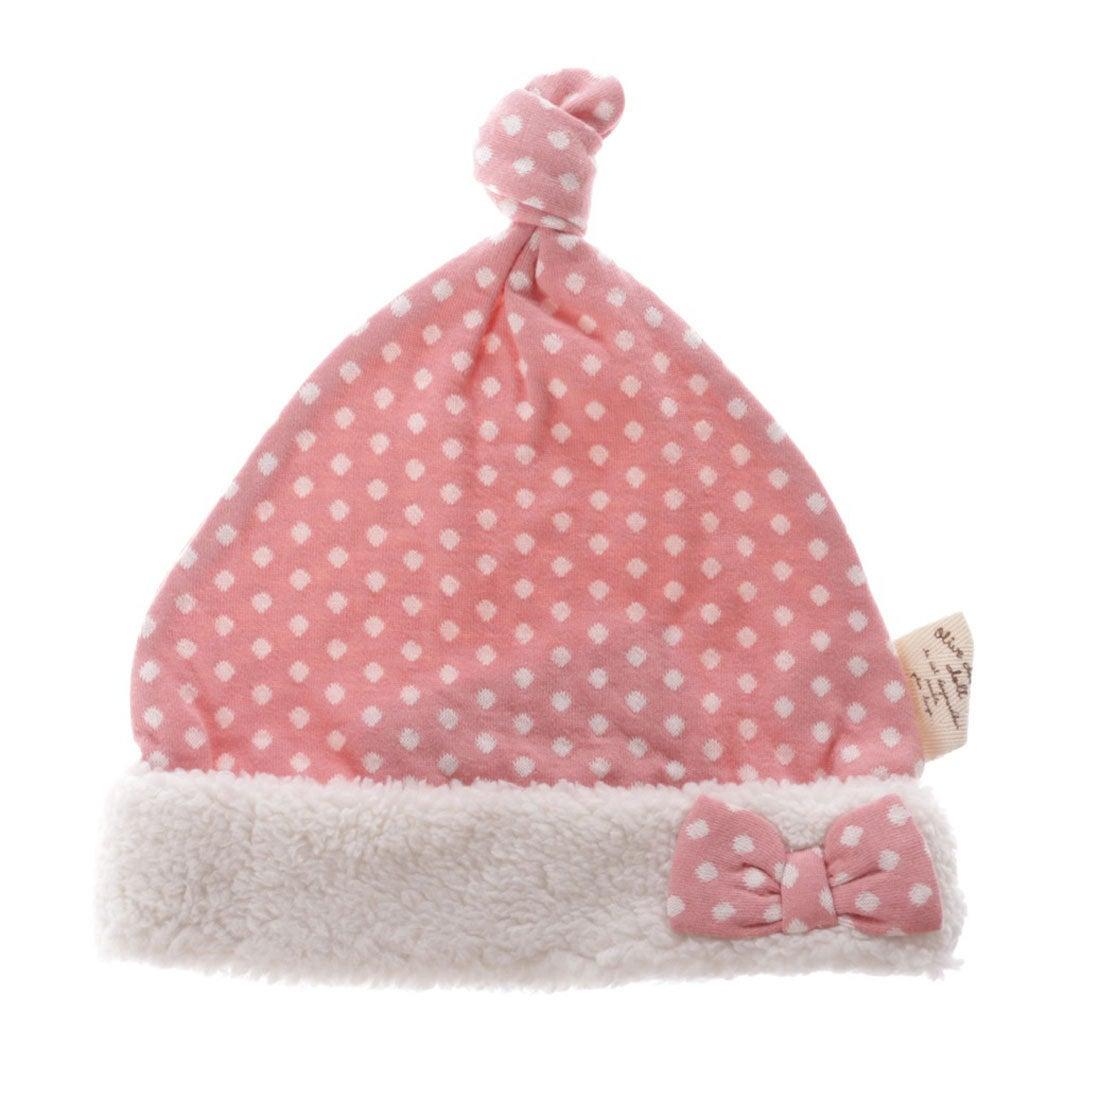 【SALE 85%OFF】オリーブ デ オリーブ ドール OLIVE des OLIVE DOLL 水玉ベビー帽子 (ピンク)